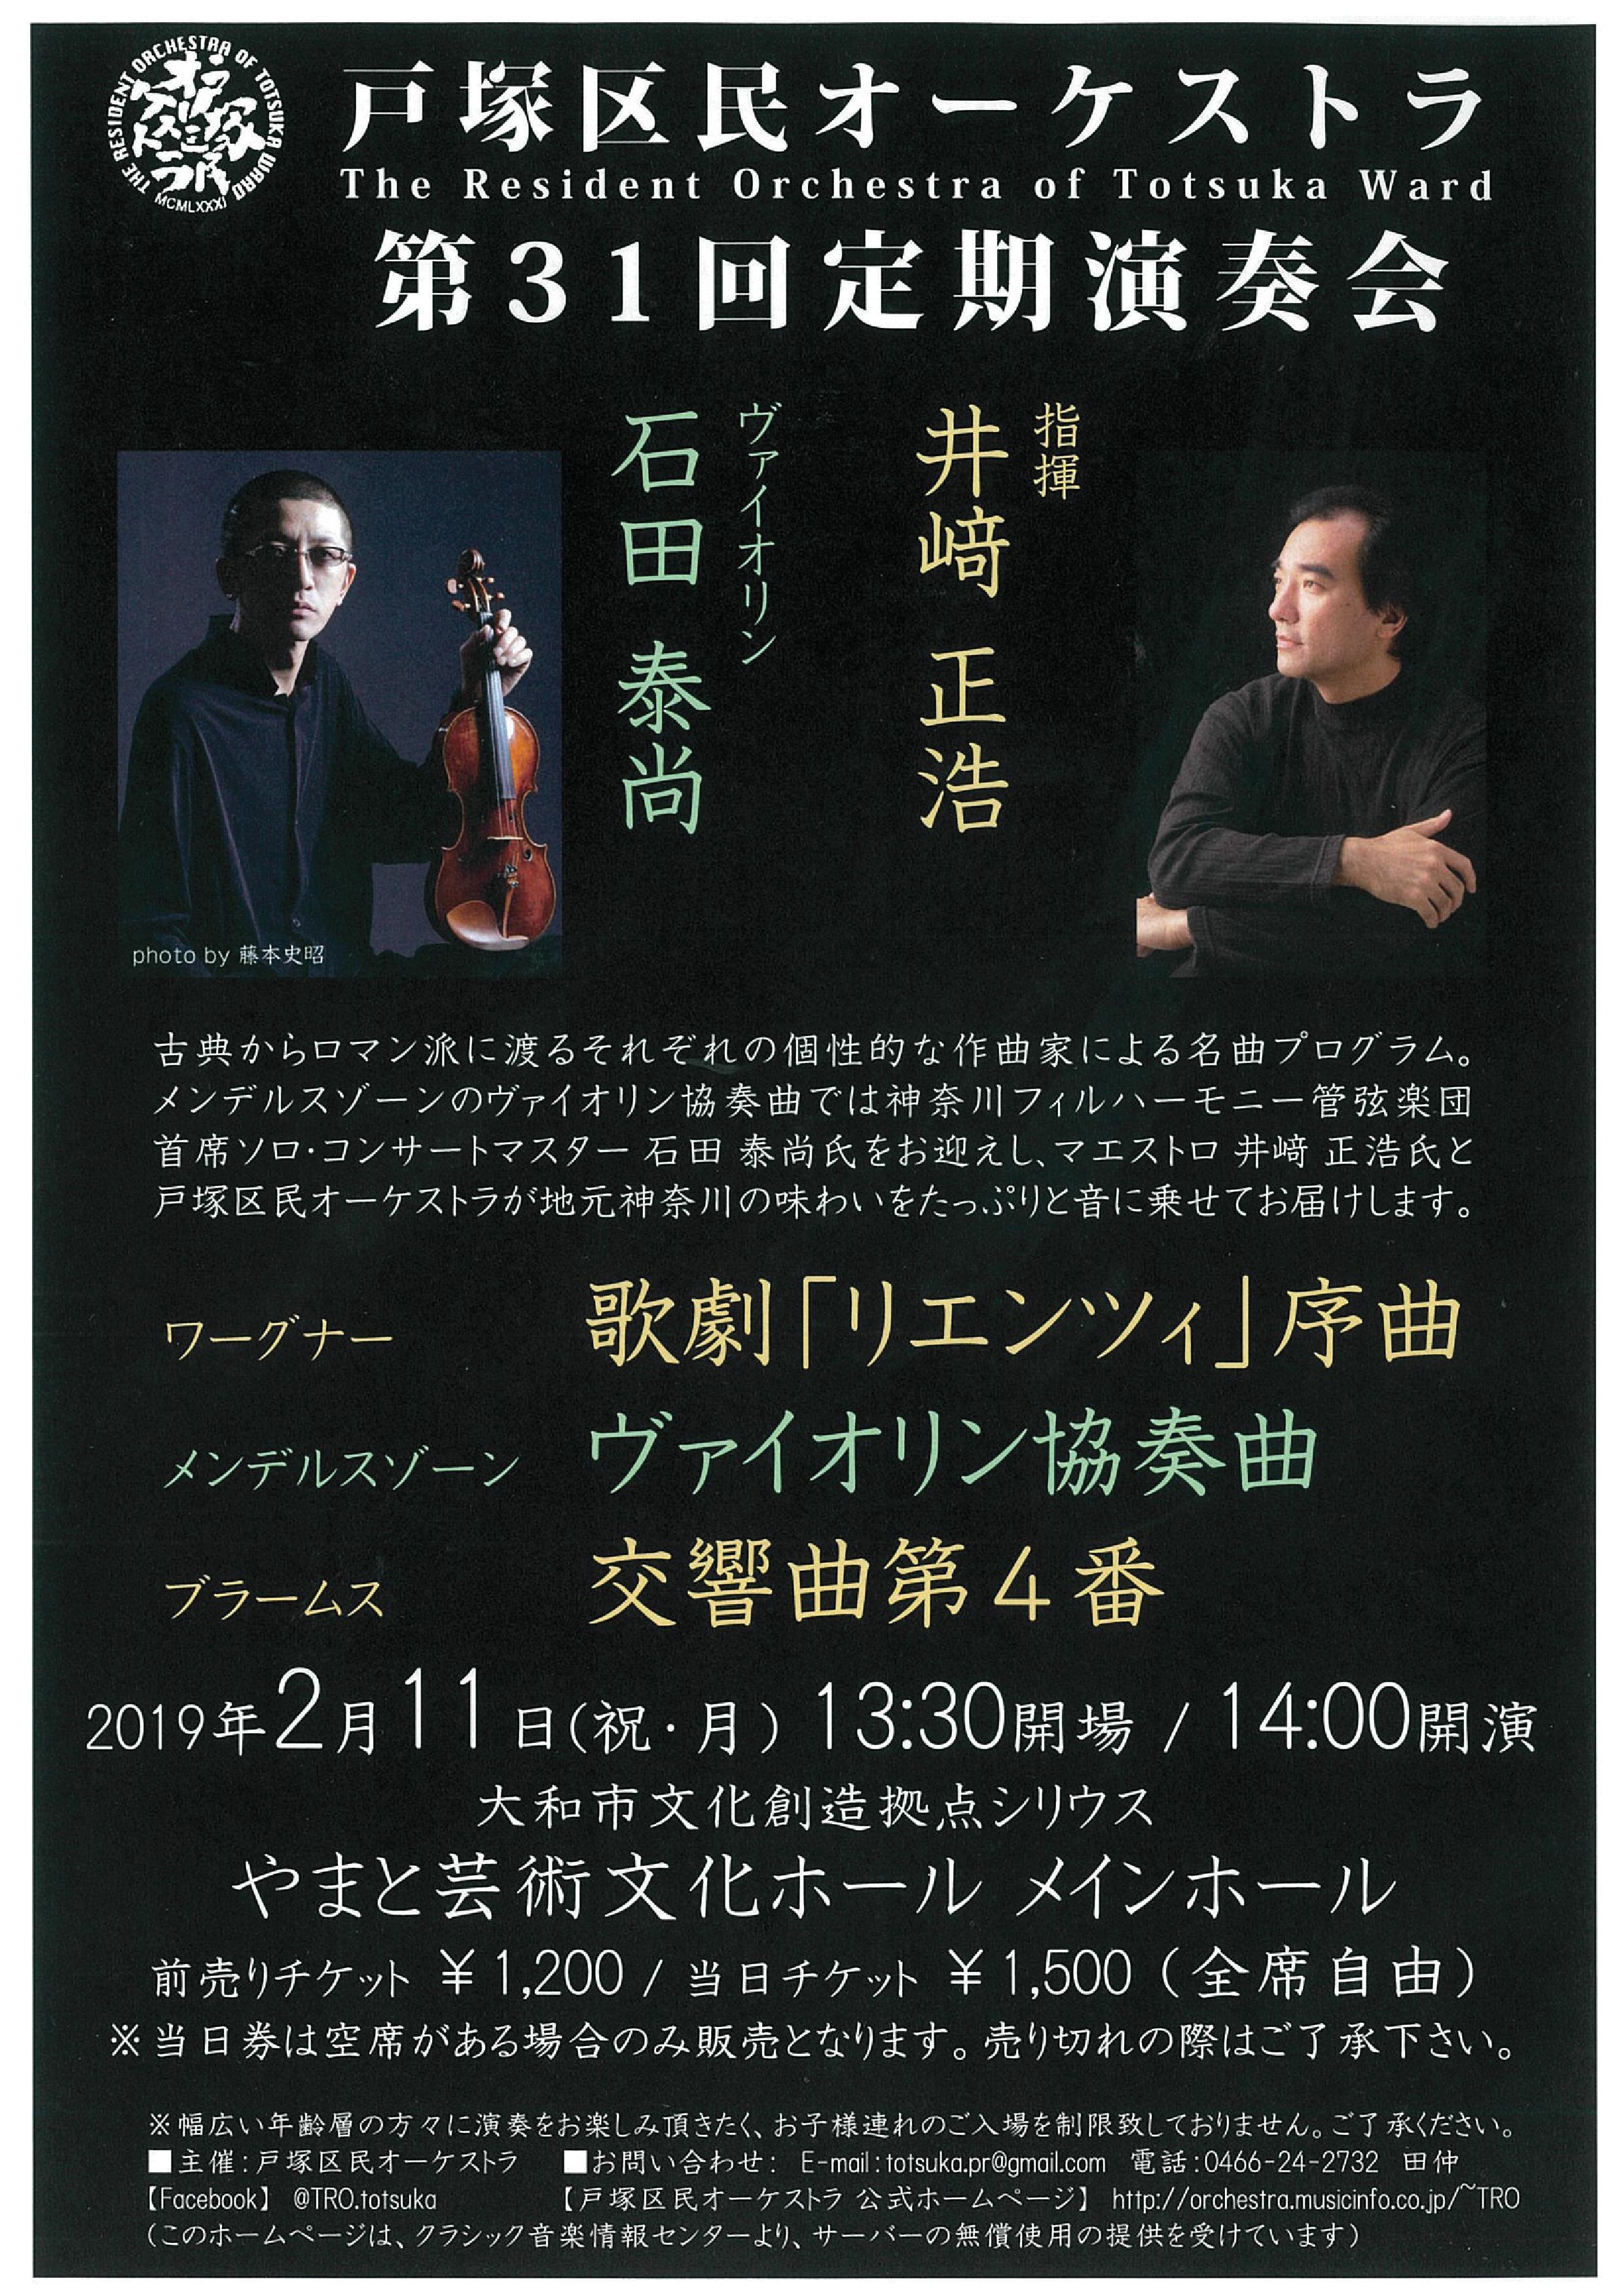 【予定枚数終了】戸塚区民オーケストラ 第31回定期演奏会